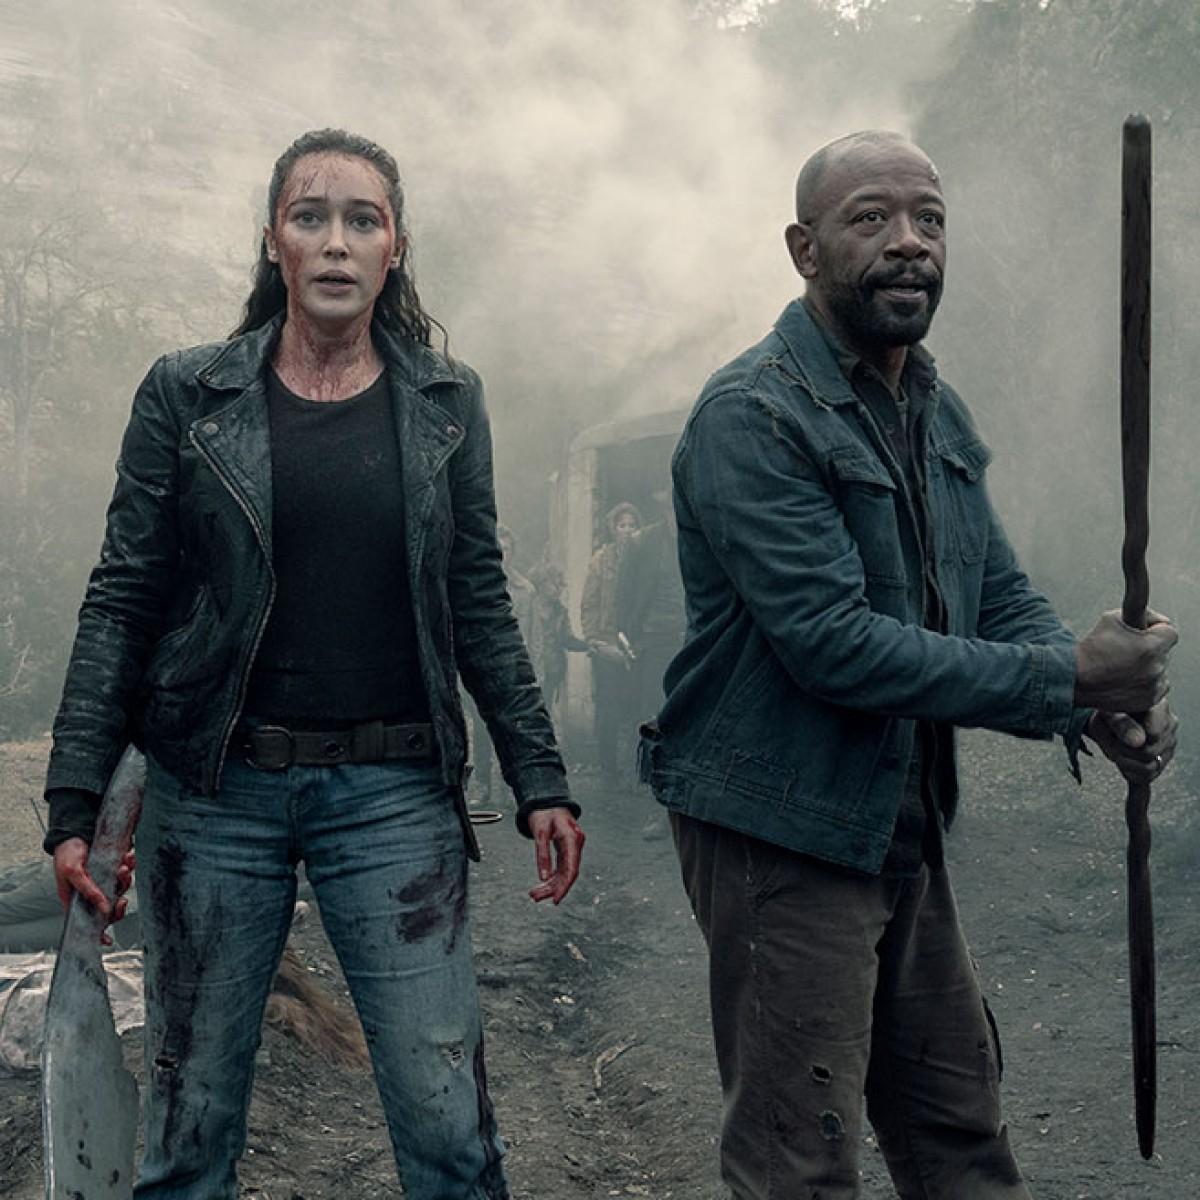 Wann Kommt Supernatural Staffel 10 Auf Deutsch